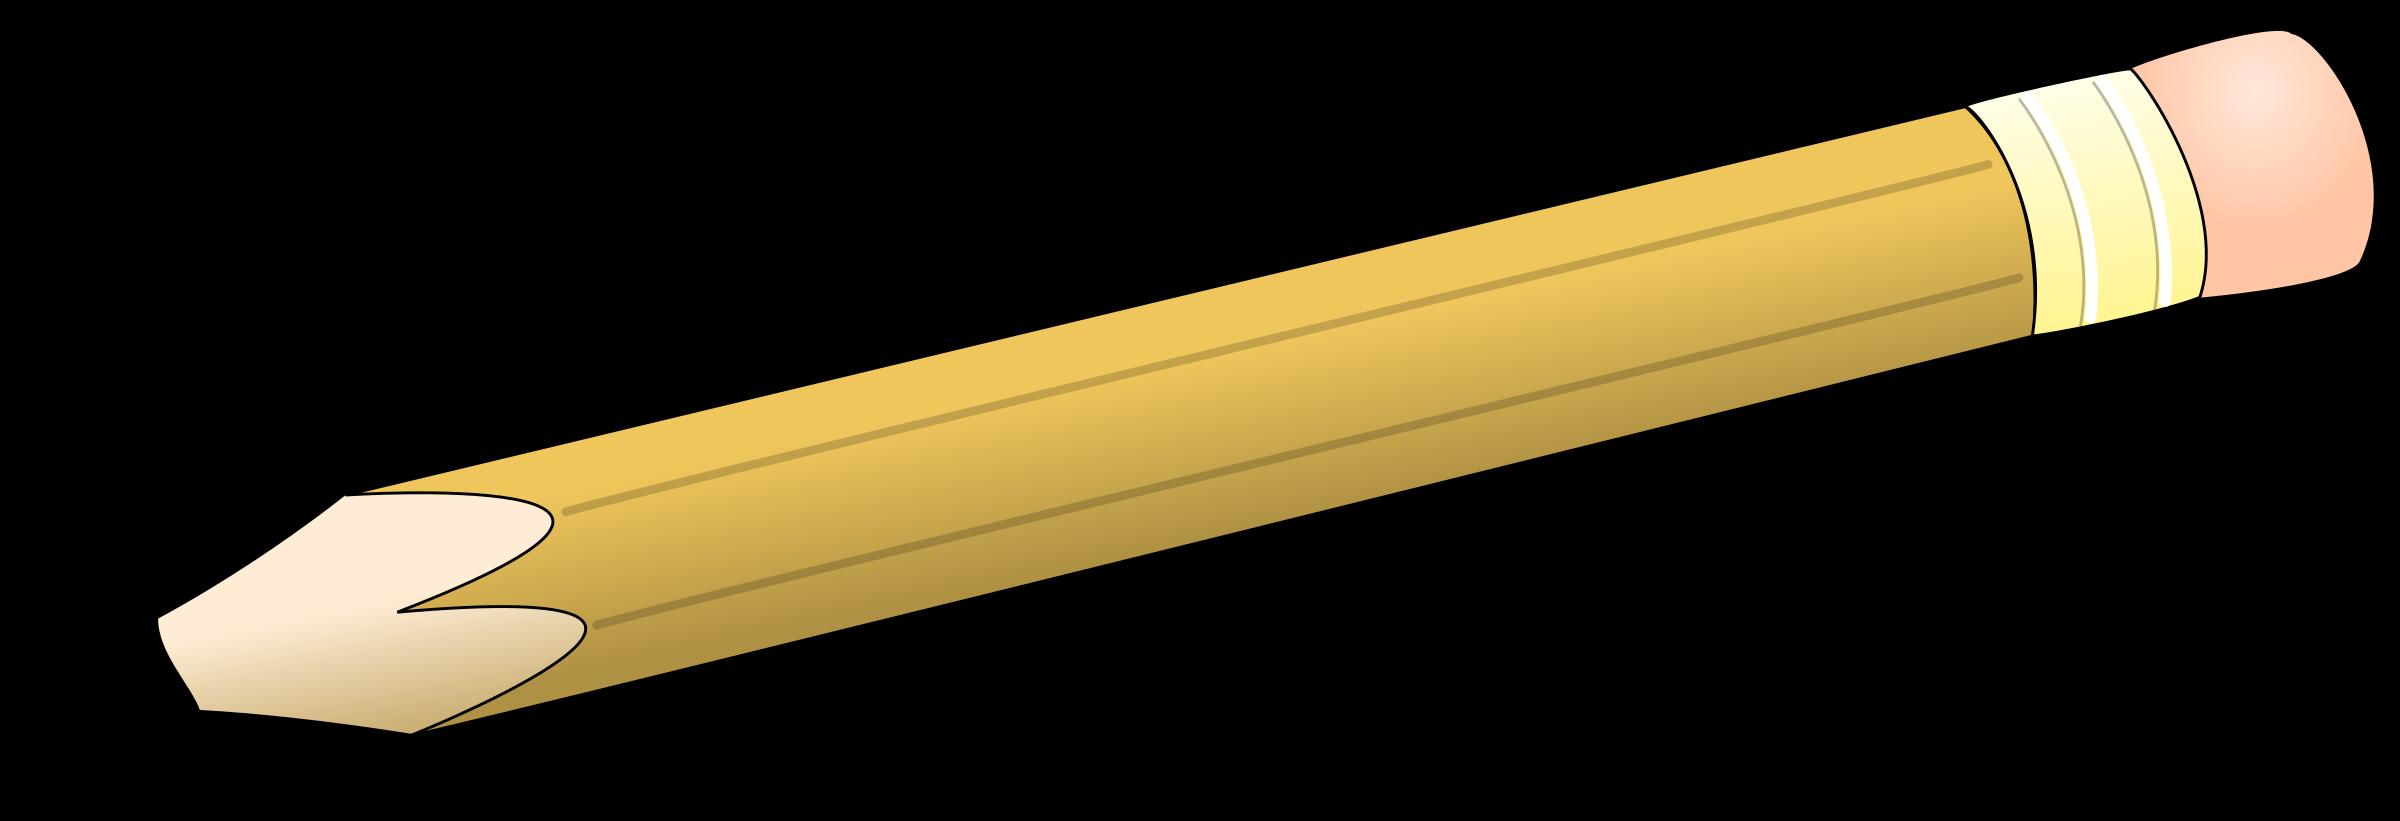 Pencils clipart simple. Pen pencil big image